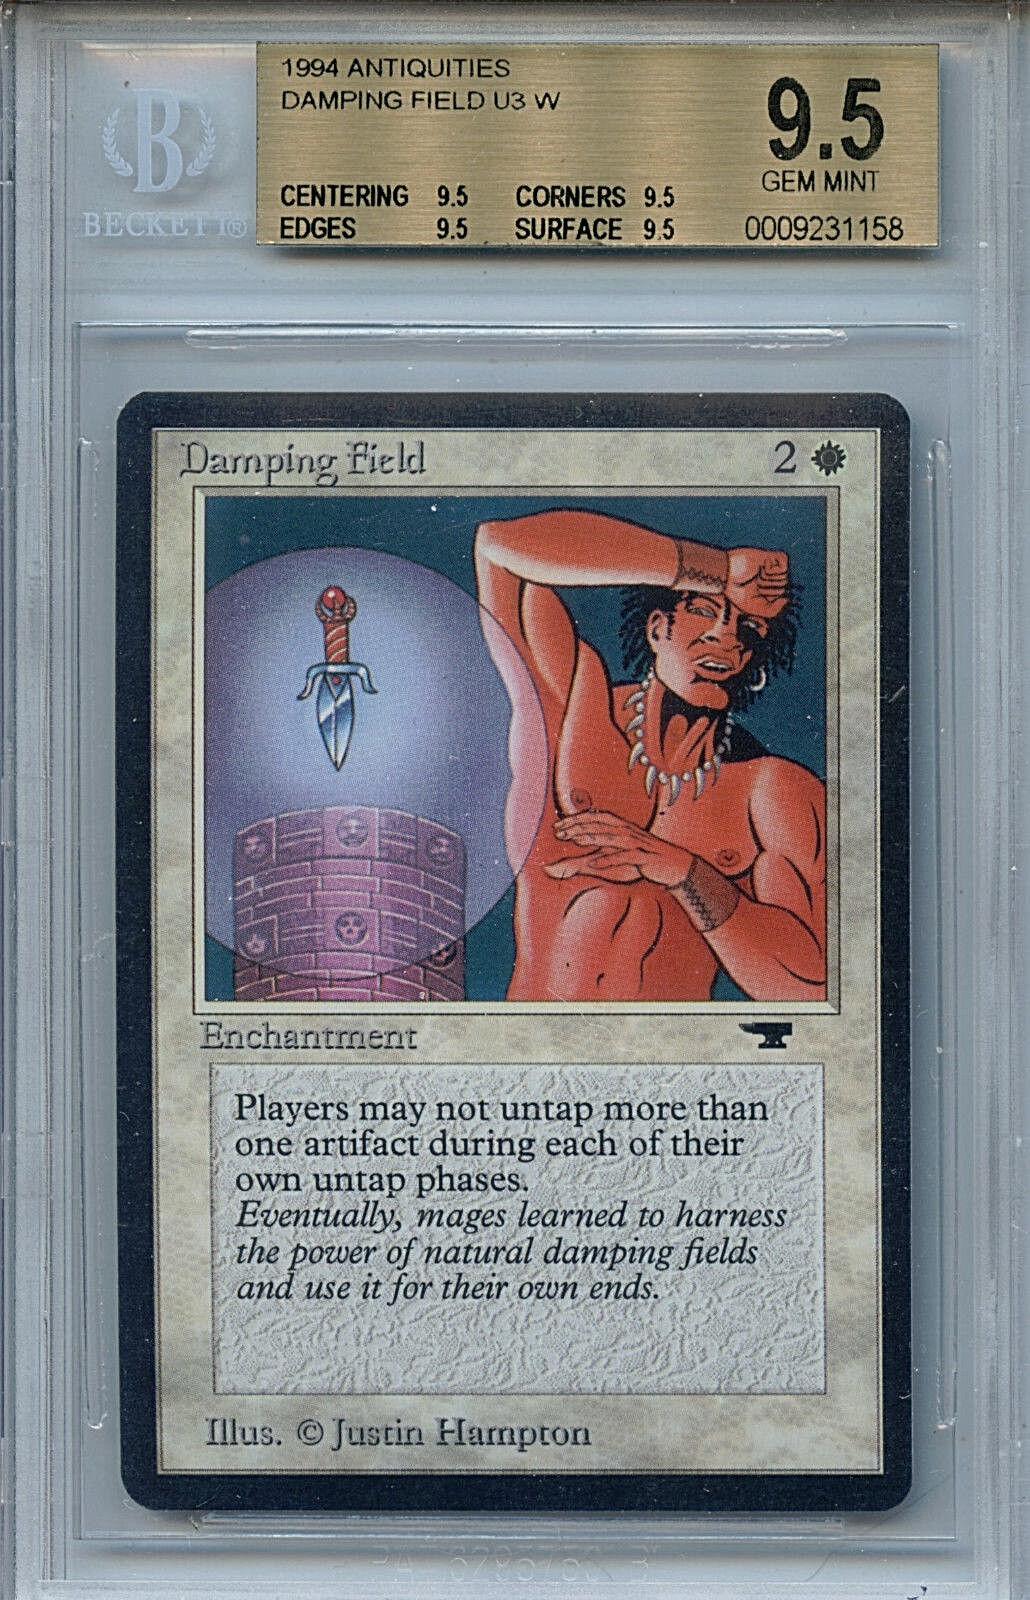 MTG Antiquities Damping Field BGS 9.5 Gem Mint card True Quad 4 X 9.5 1158